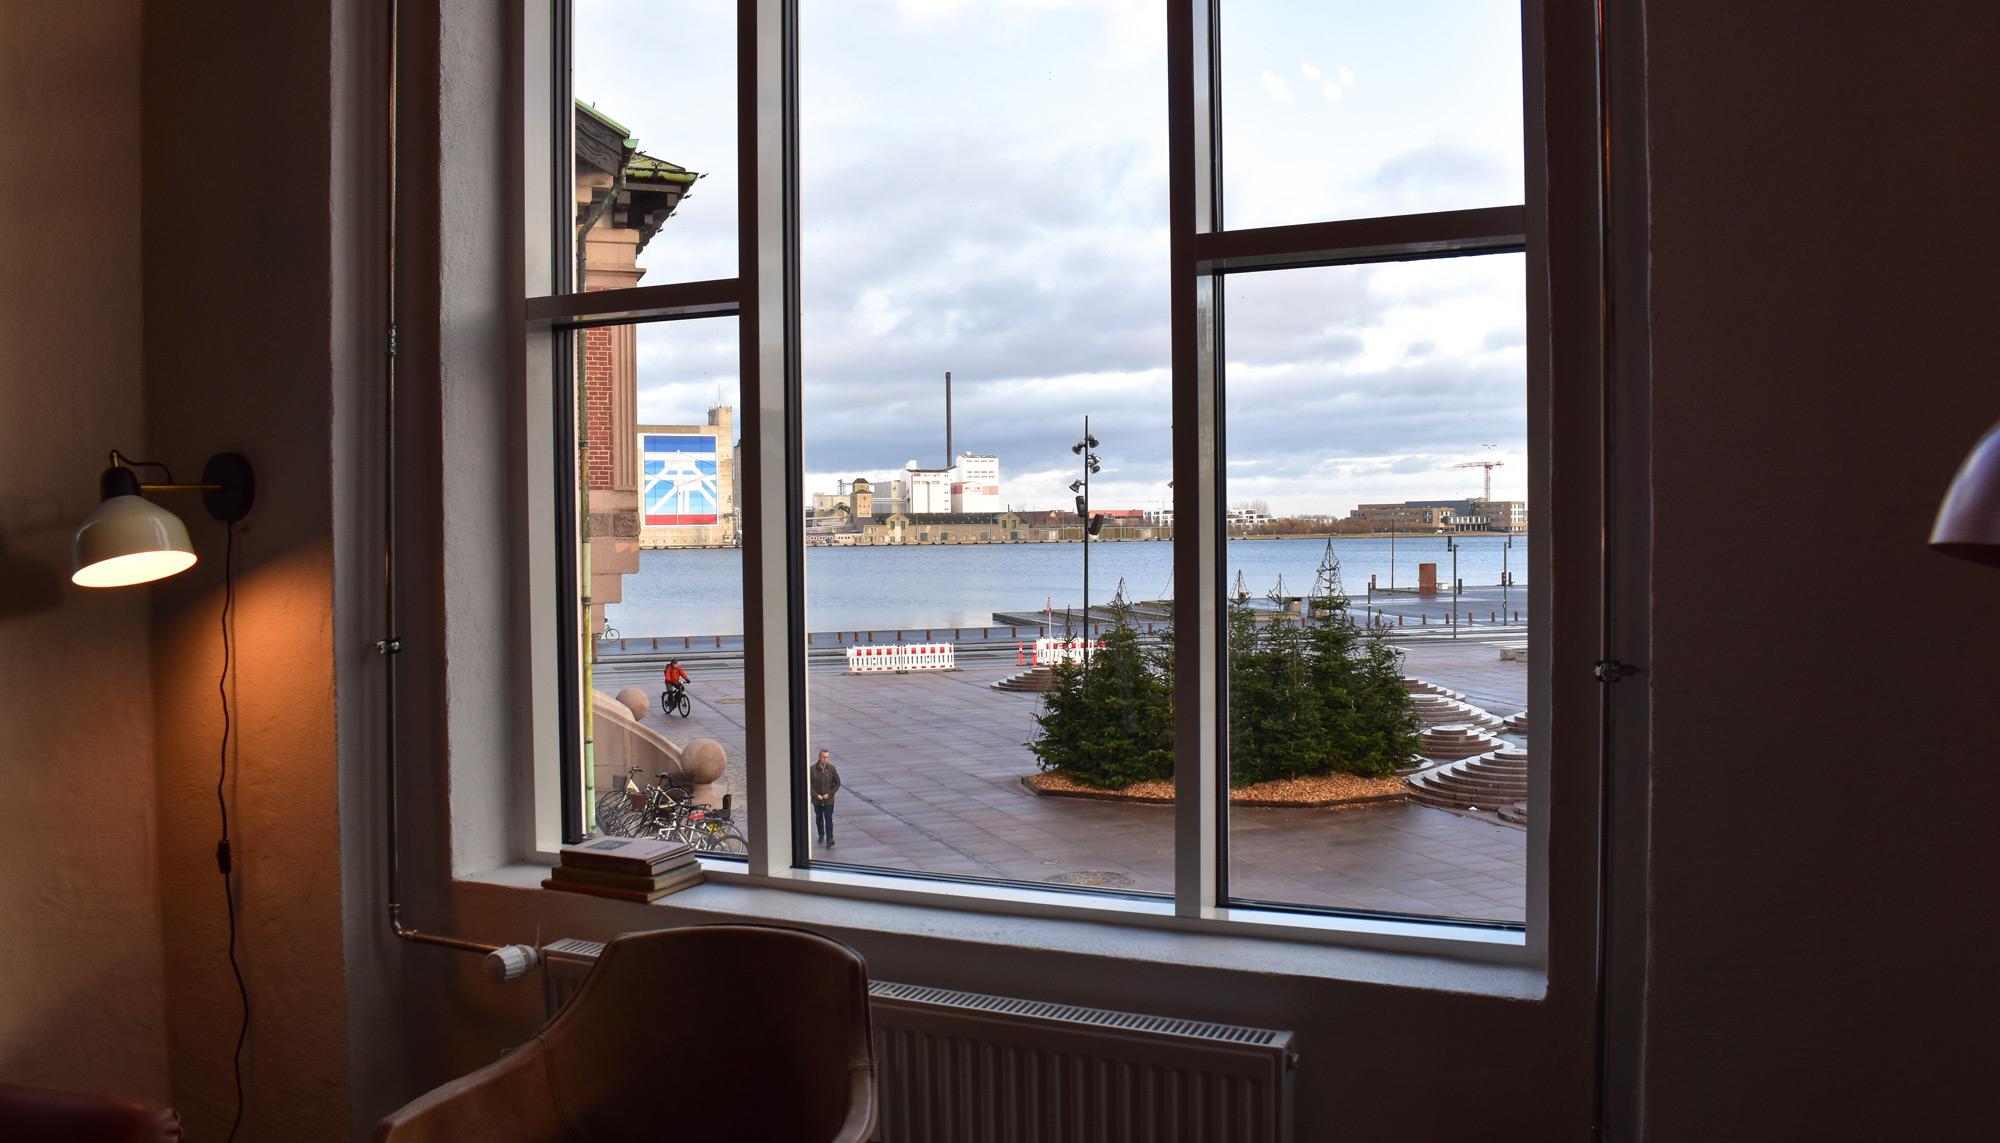 Fantastiske lokaler: Nyt spisested åbner i weekenden midt i Aalborg